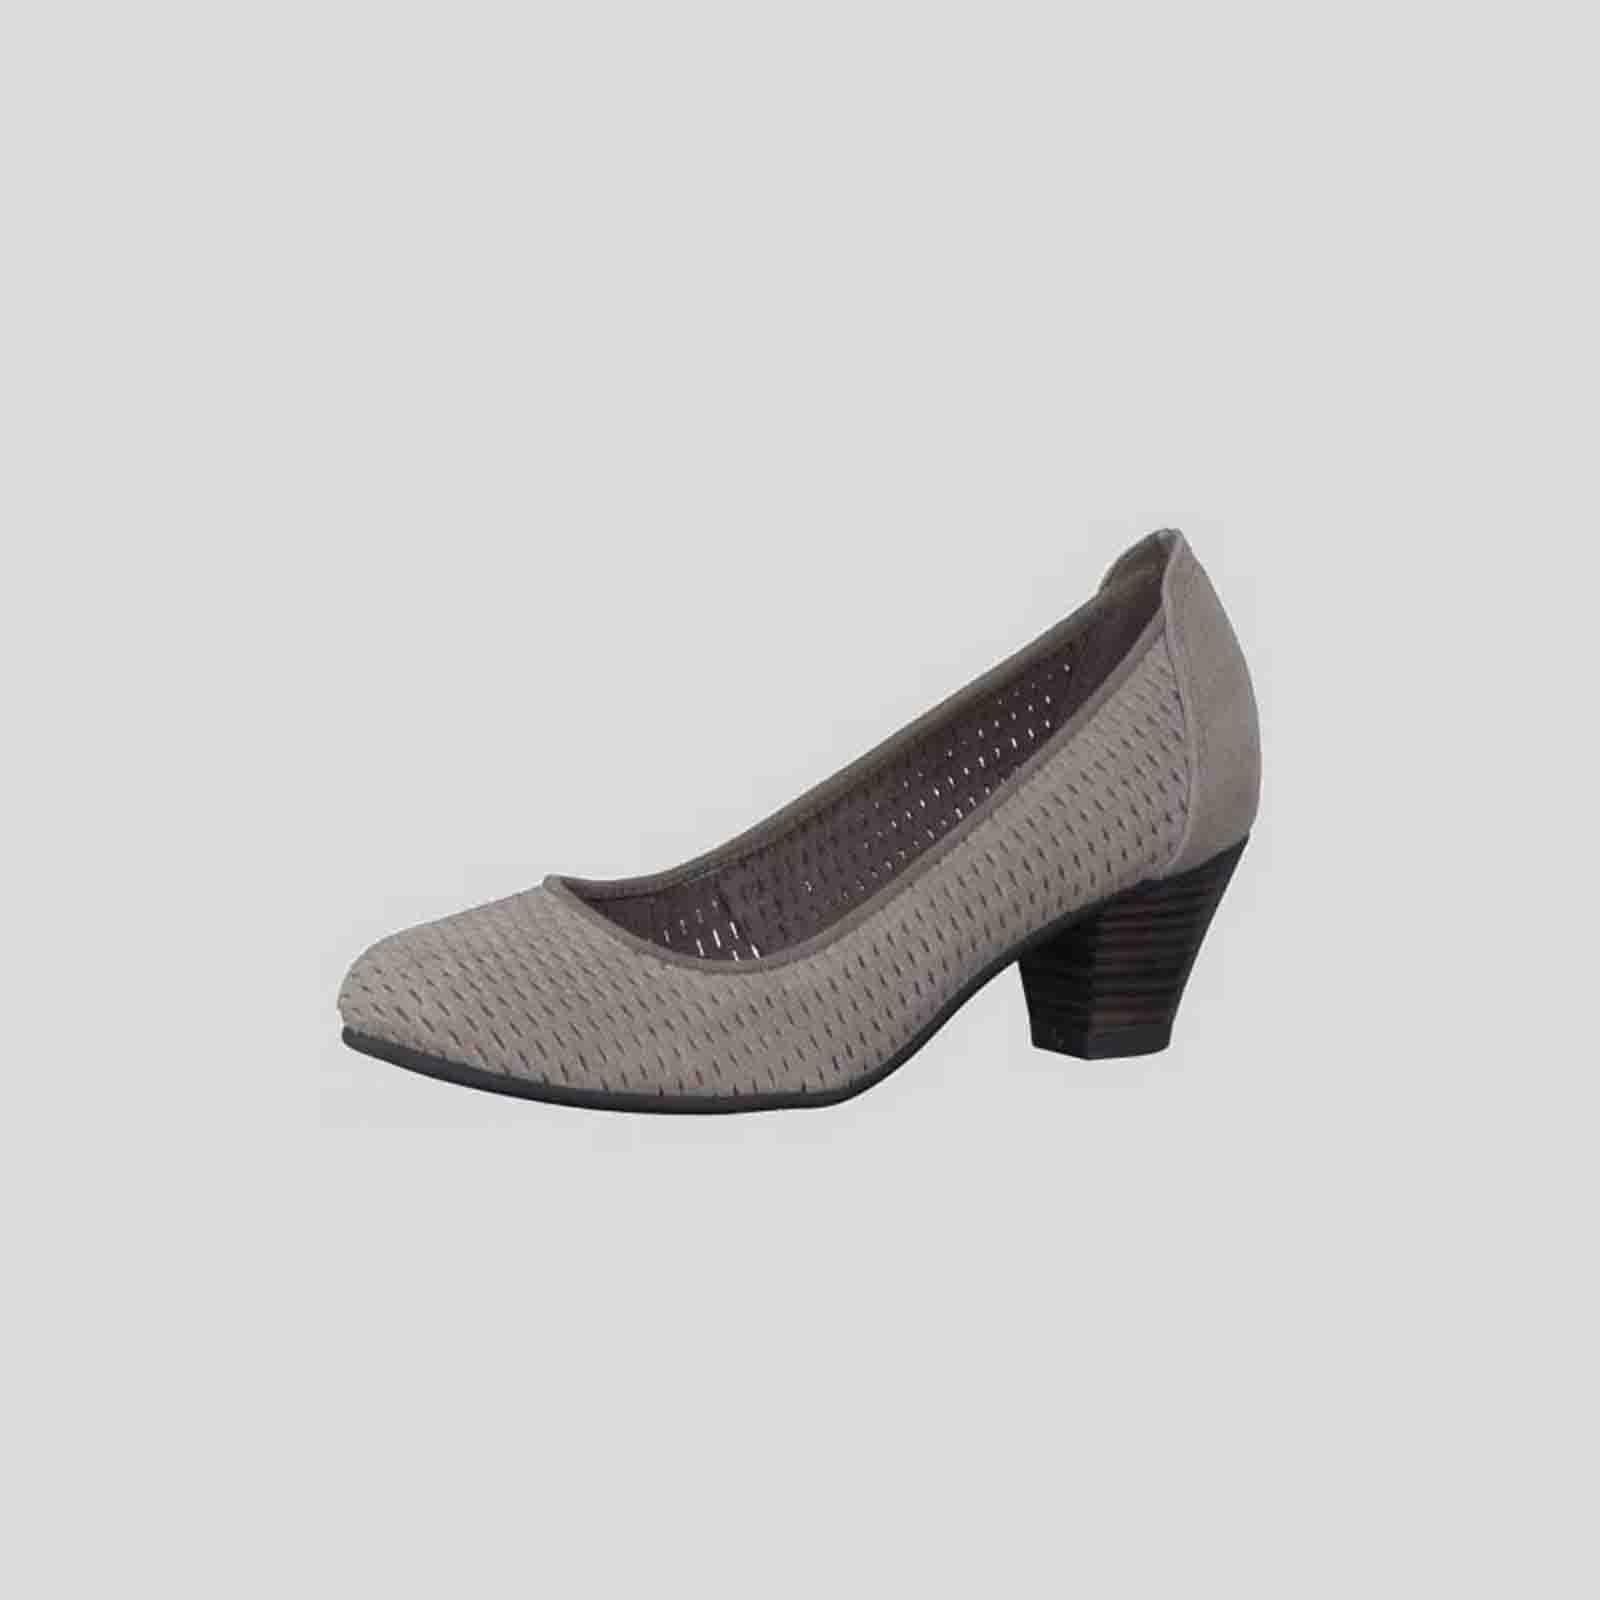 Туфли женские из натуральной кожи с оригинальной перфорацией